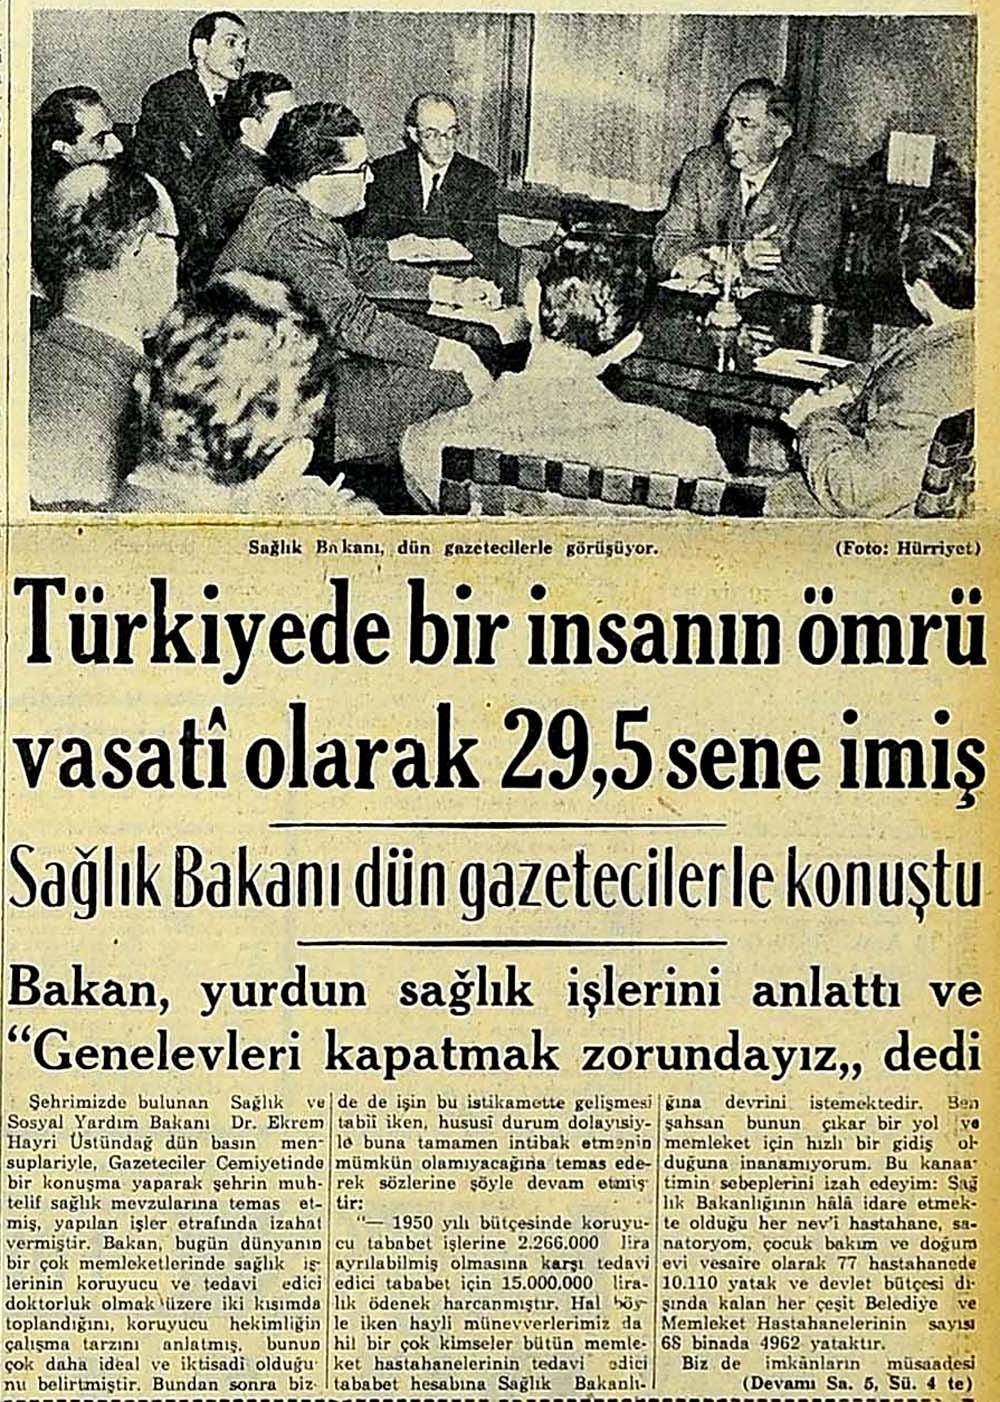 Türkiyede bir insanın ömrü vasati olarak 29,5 sene imiş